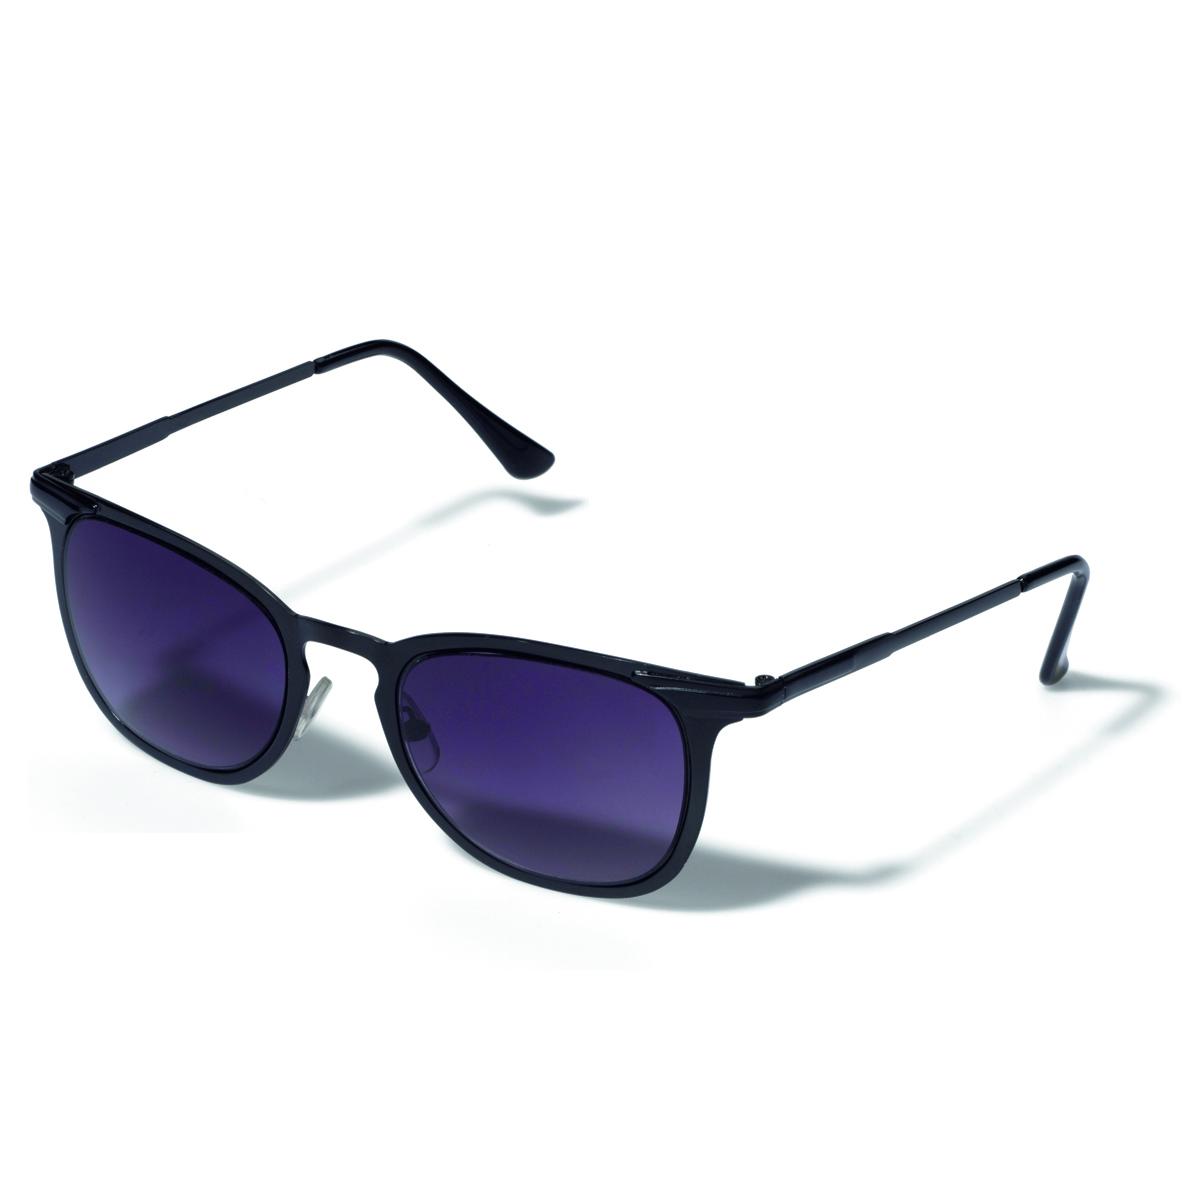 New Yorker SUNGLASSES Sunglasses 53 012 black 99000 RSD New Yorker vam predlaže: Najbolje naočare za sunce